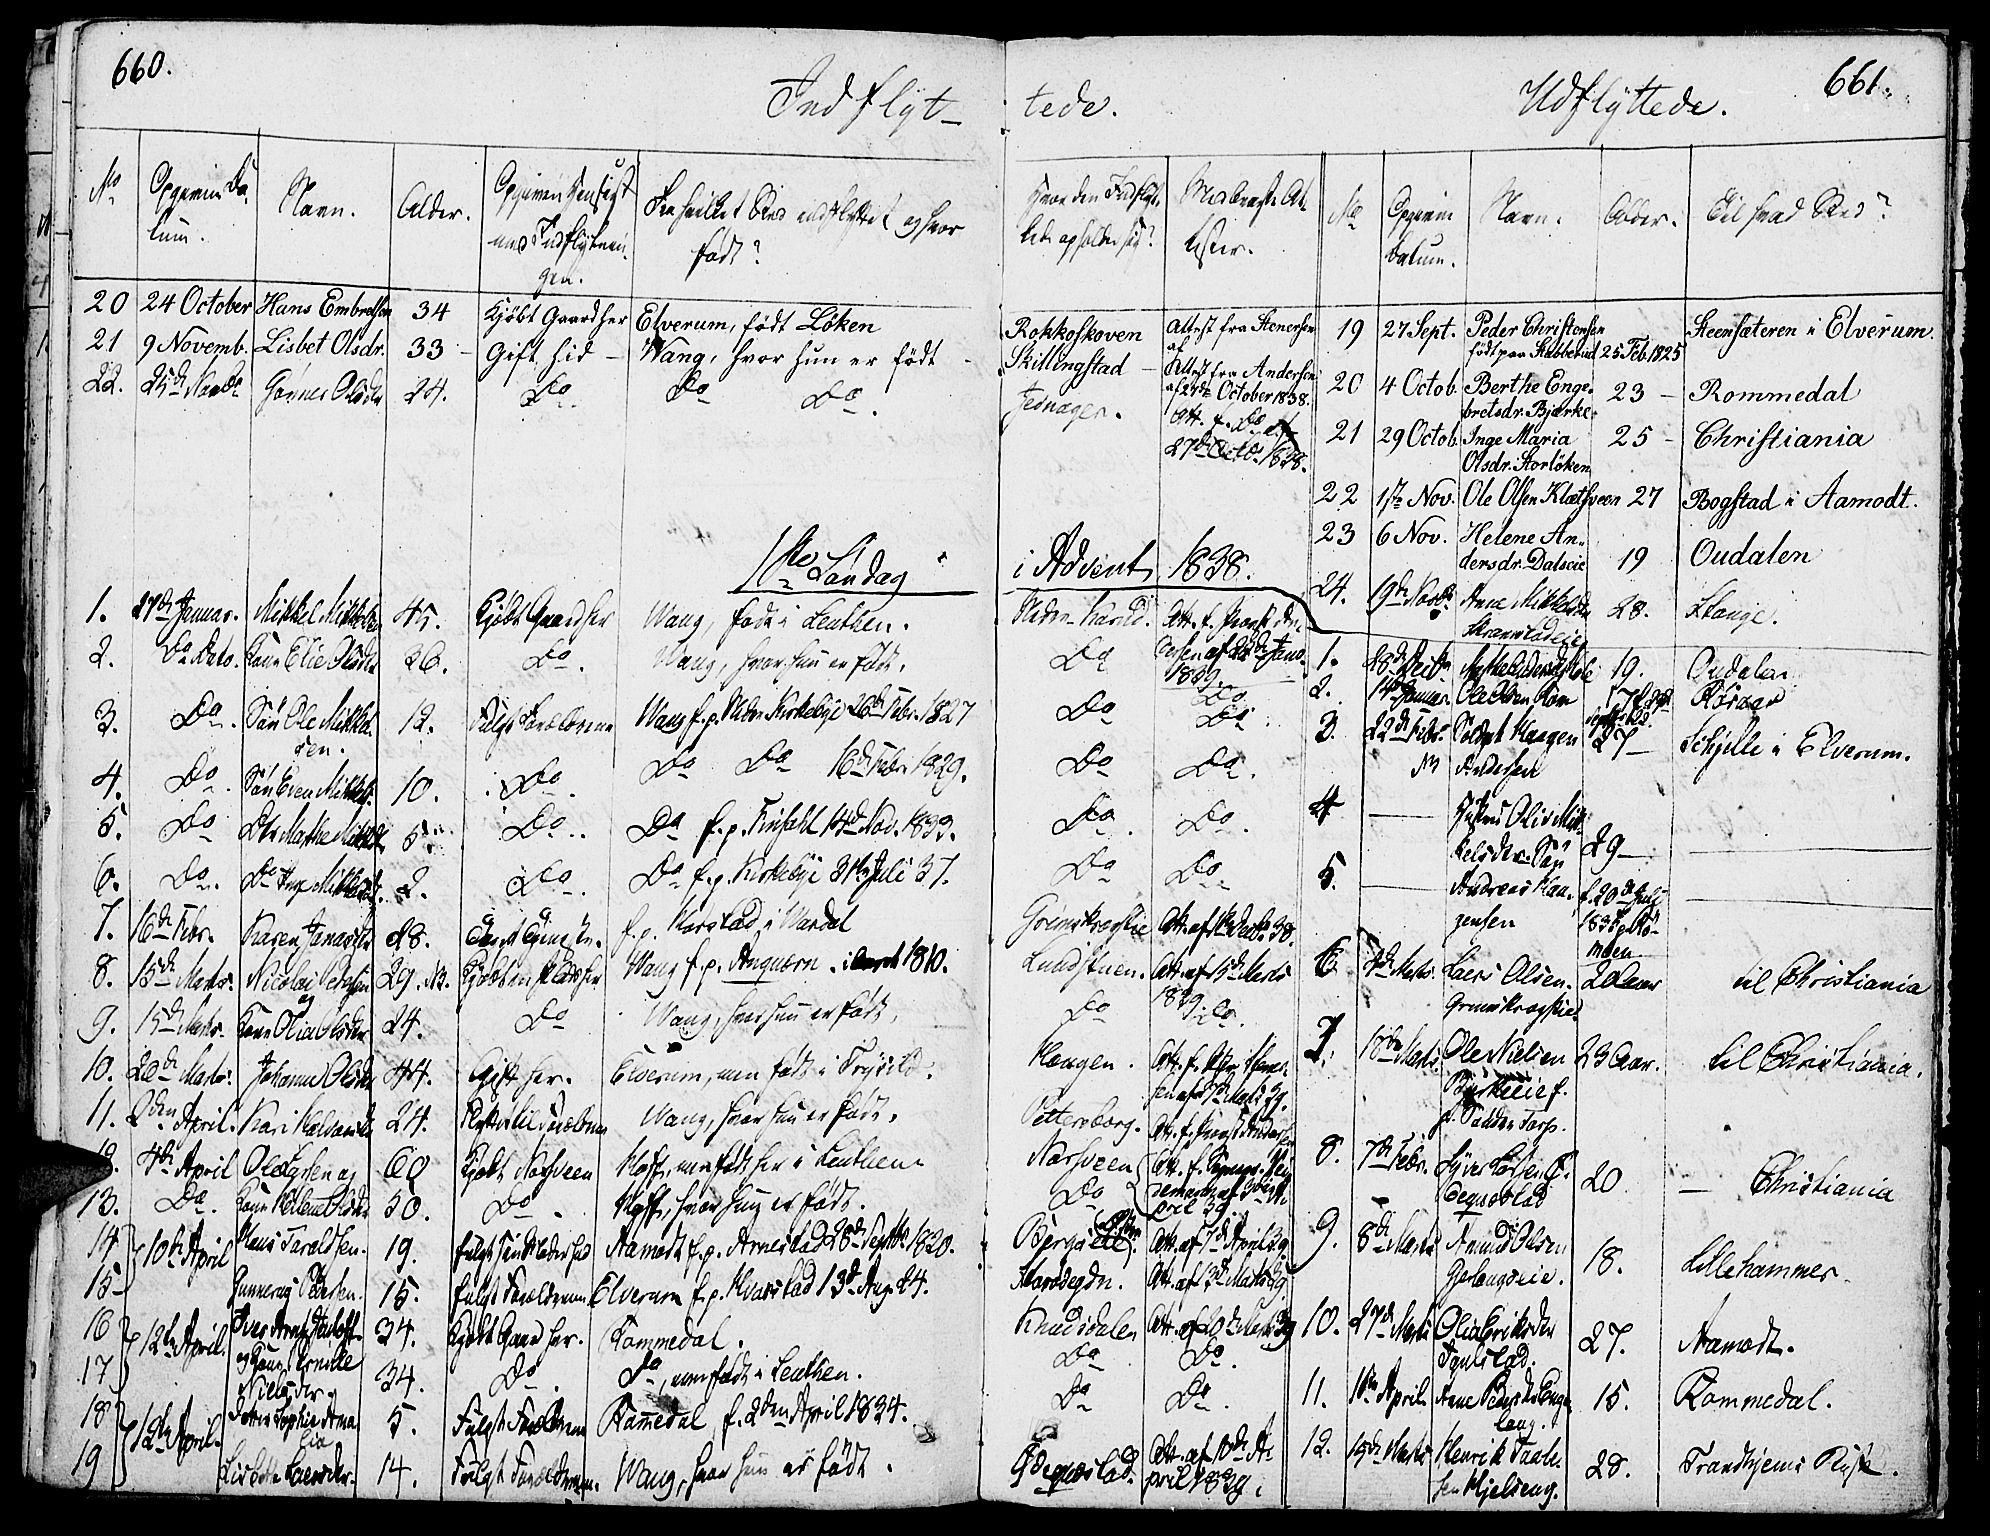 SAH, Løten prestekontor, K/Ka/L0006: Parish register (official) no. 6, 1832-1849, p. 660-661